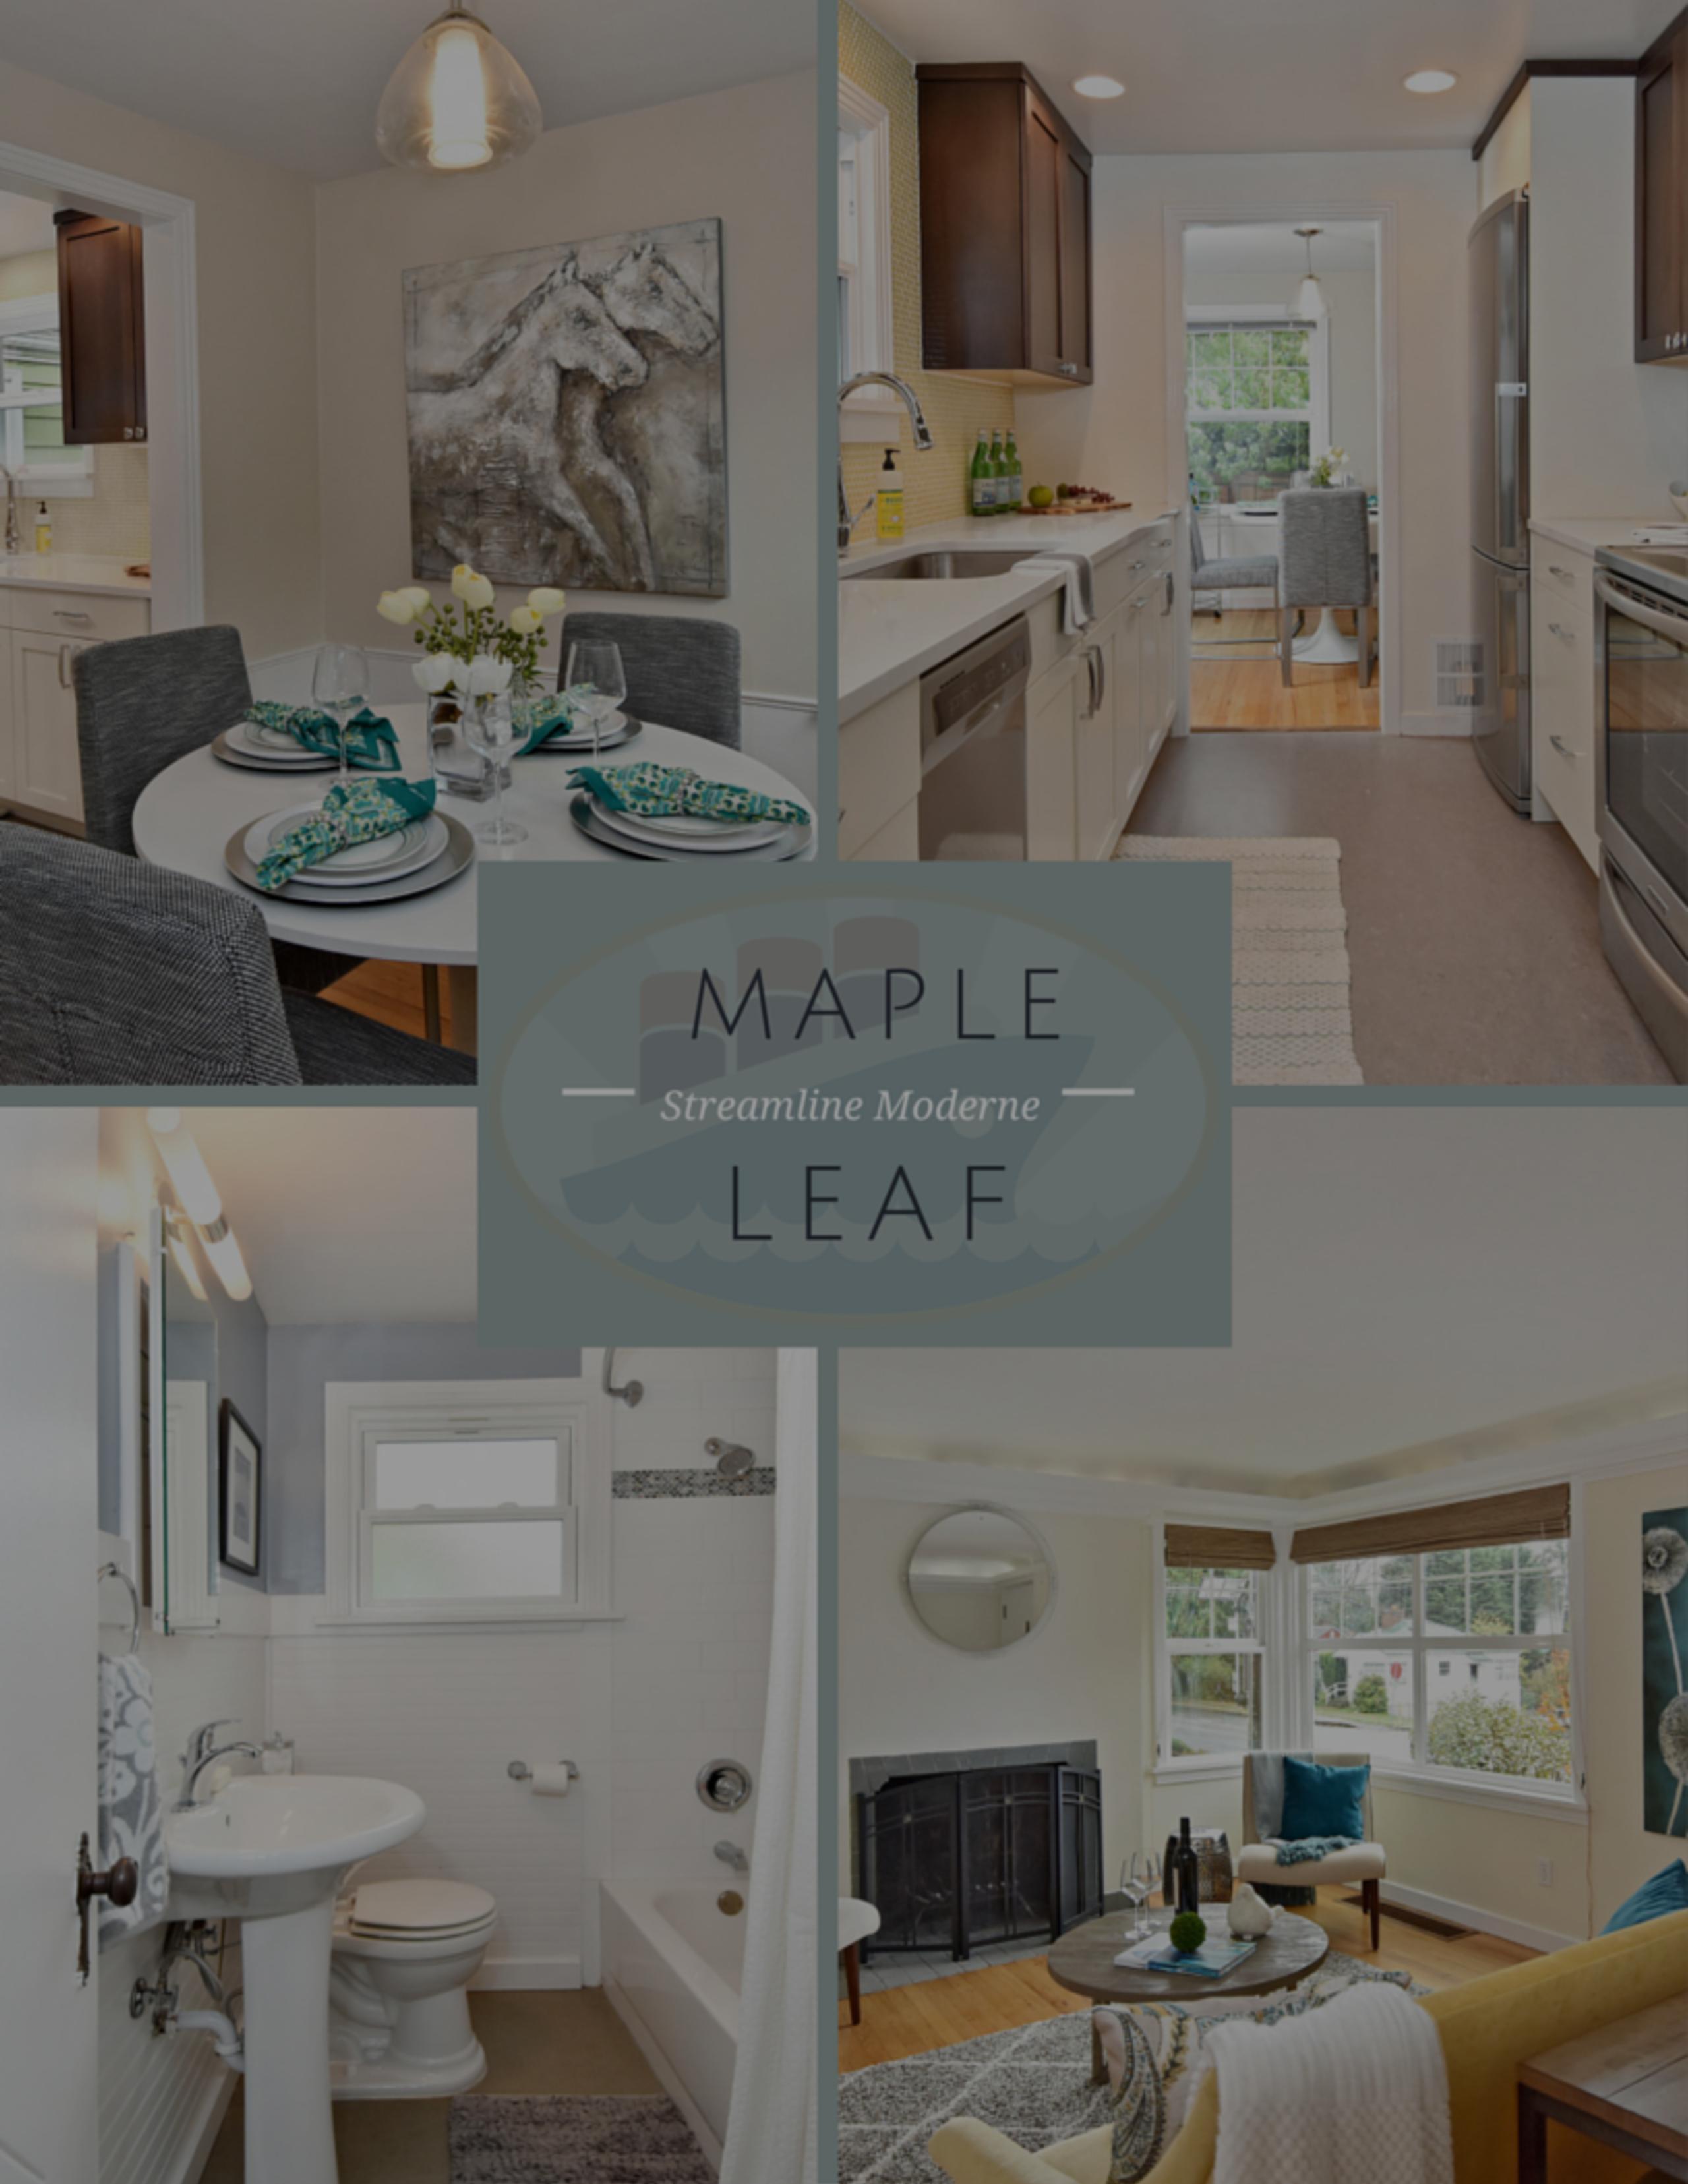 Seattle Neighborhood Maple Leaf Vintage Charmer for Sale